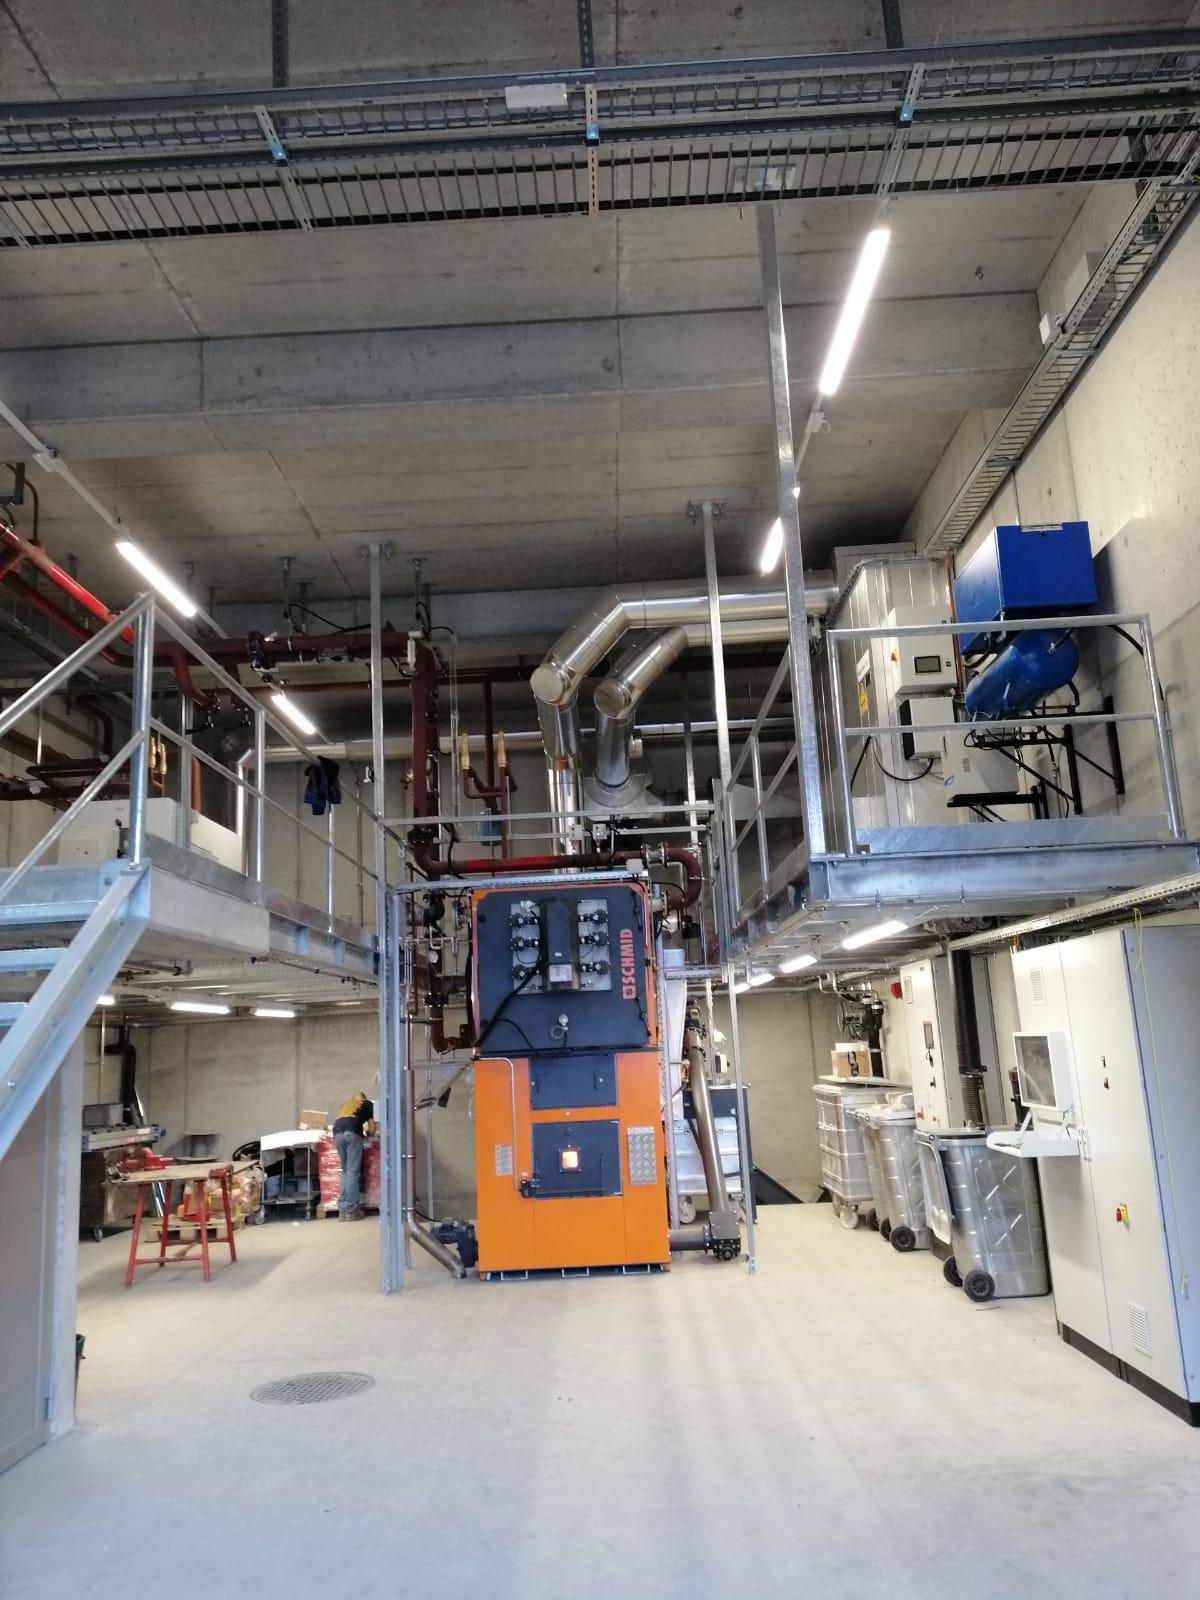 Airolo - Nuova centrale termica a cippat